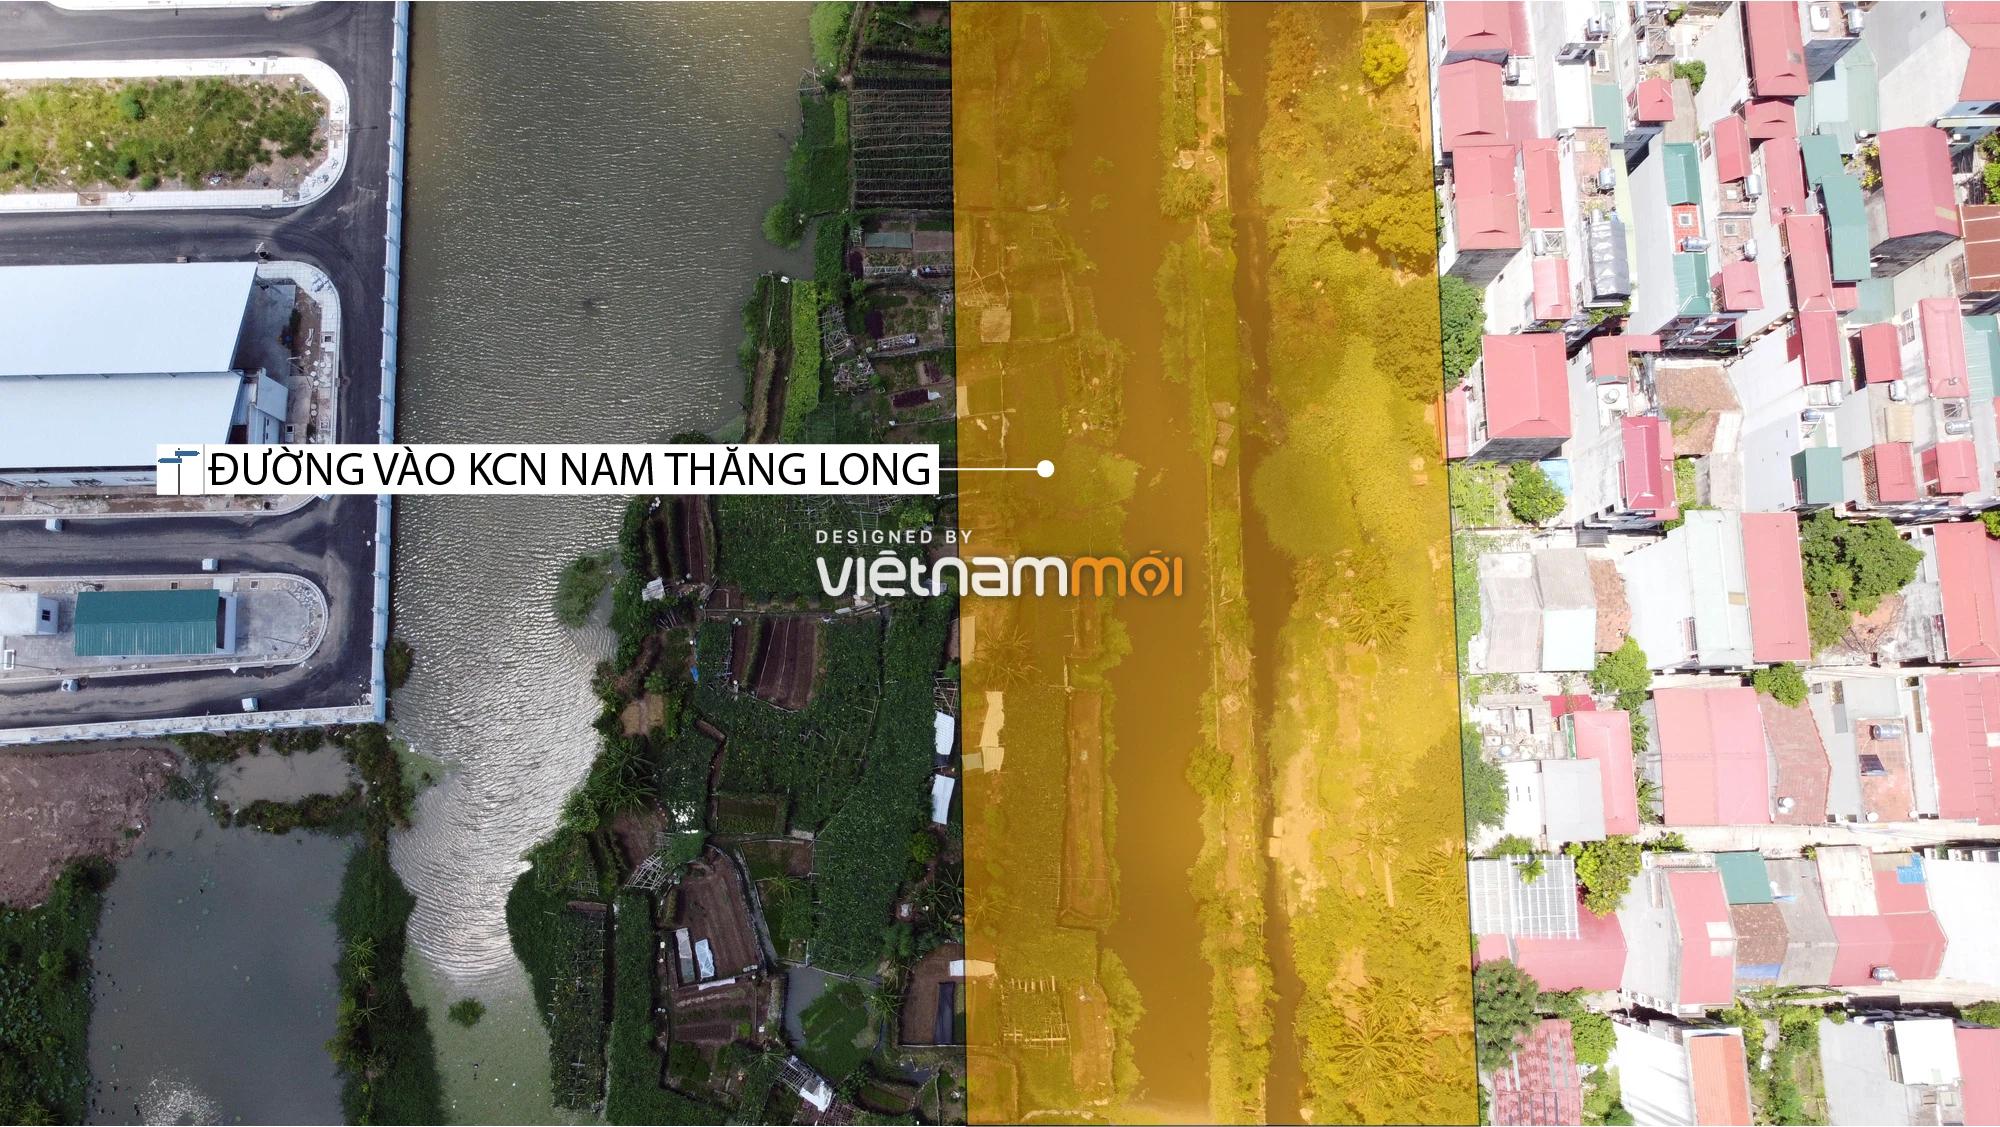 Chuyển động mới ở dự án đường vào KCN Nam Thăng Long, Bắc Từ Liêm, Hà Nội - Ảnh 6.